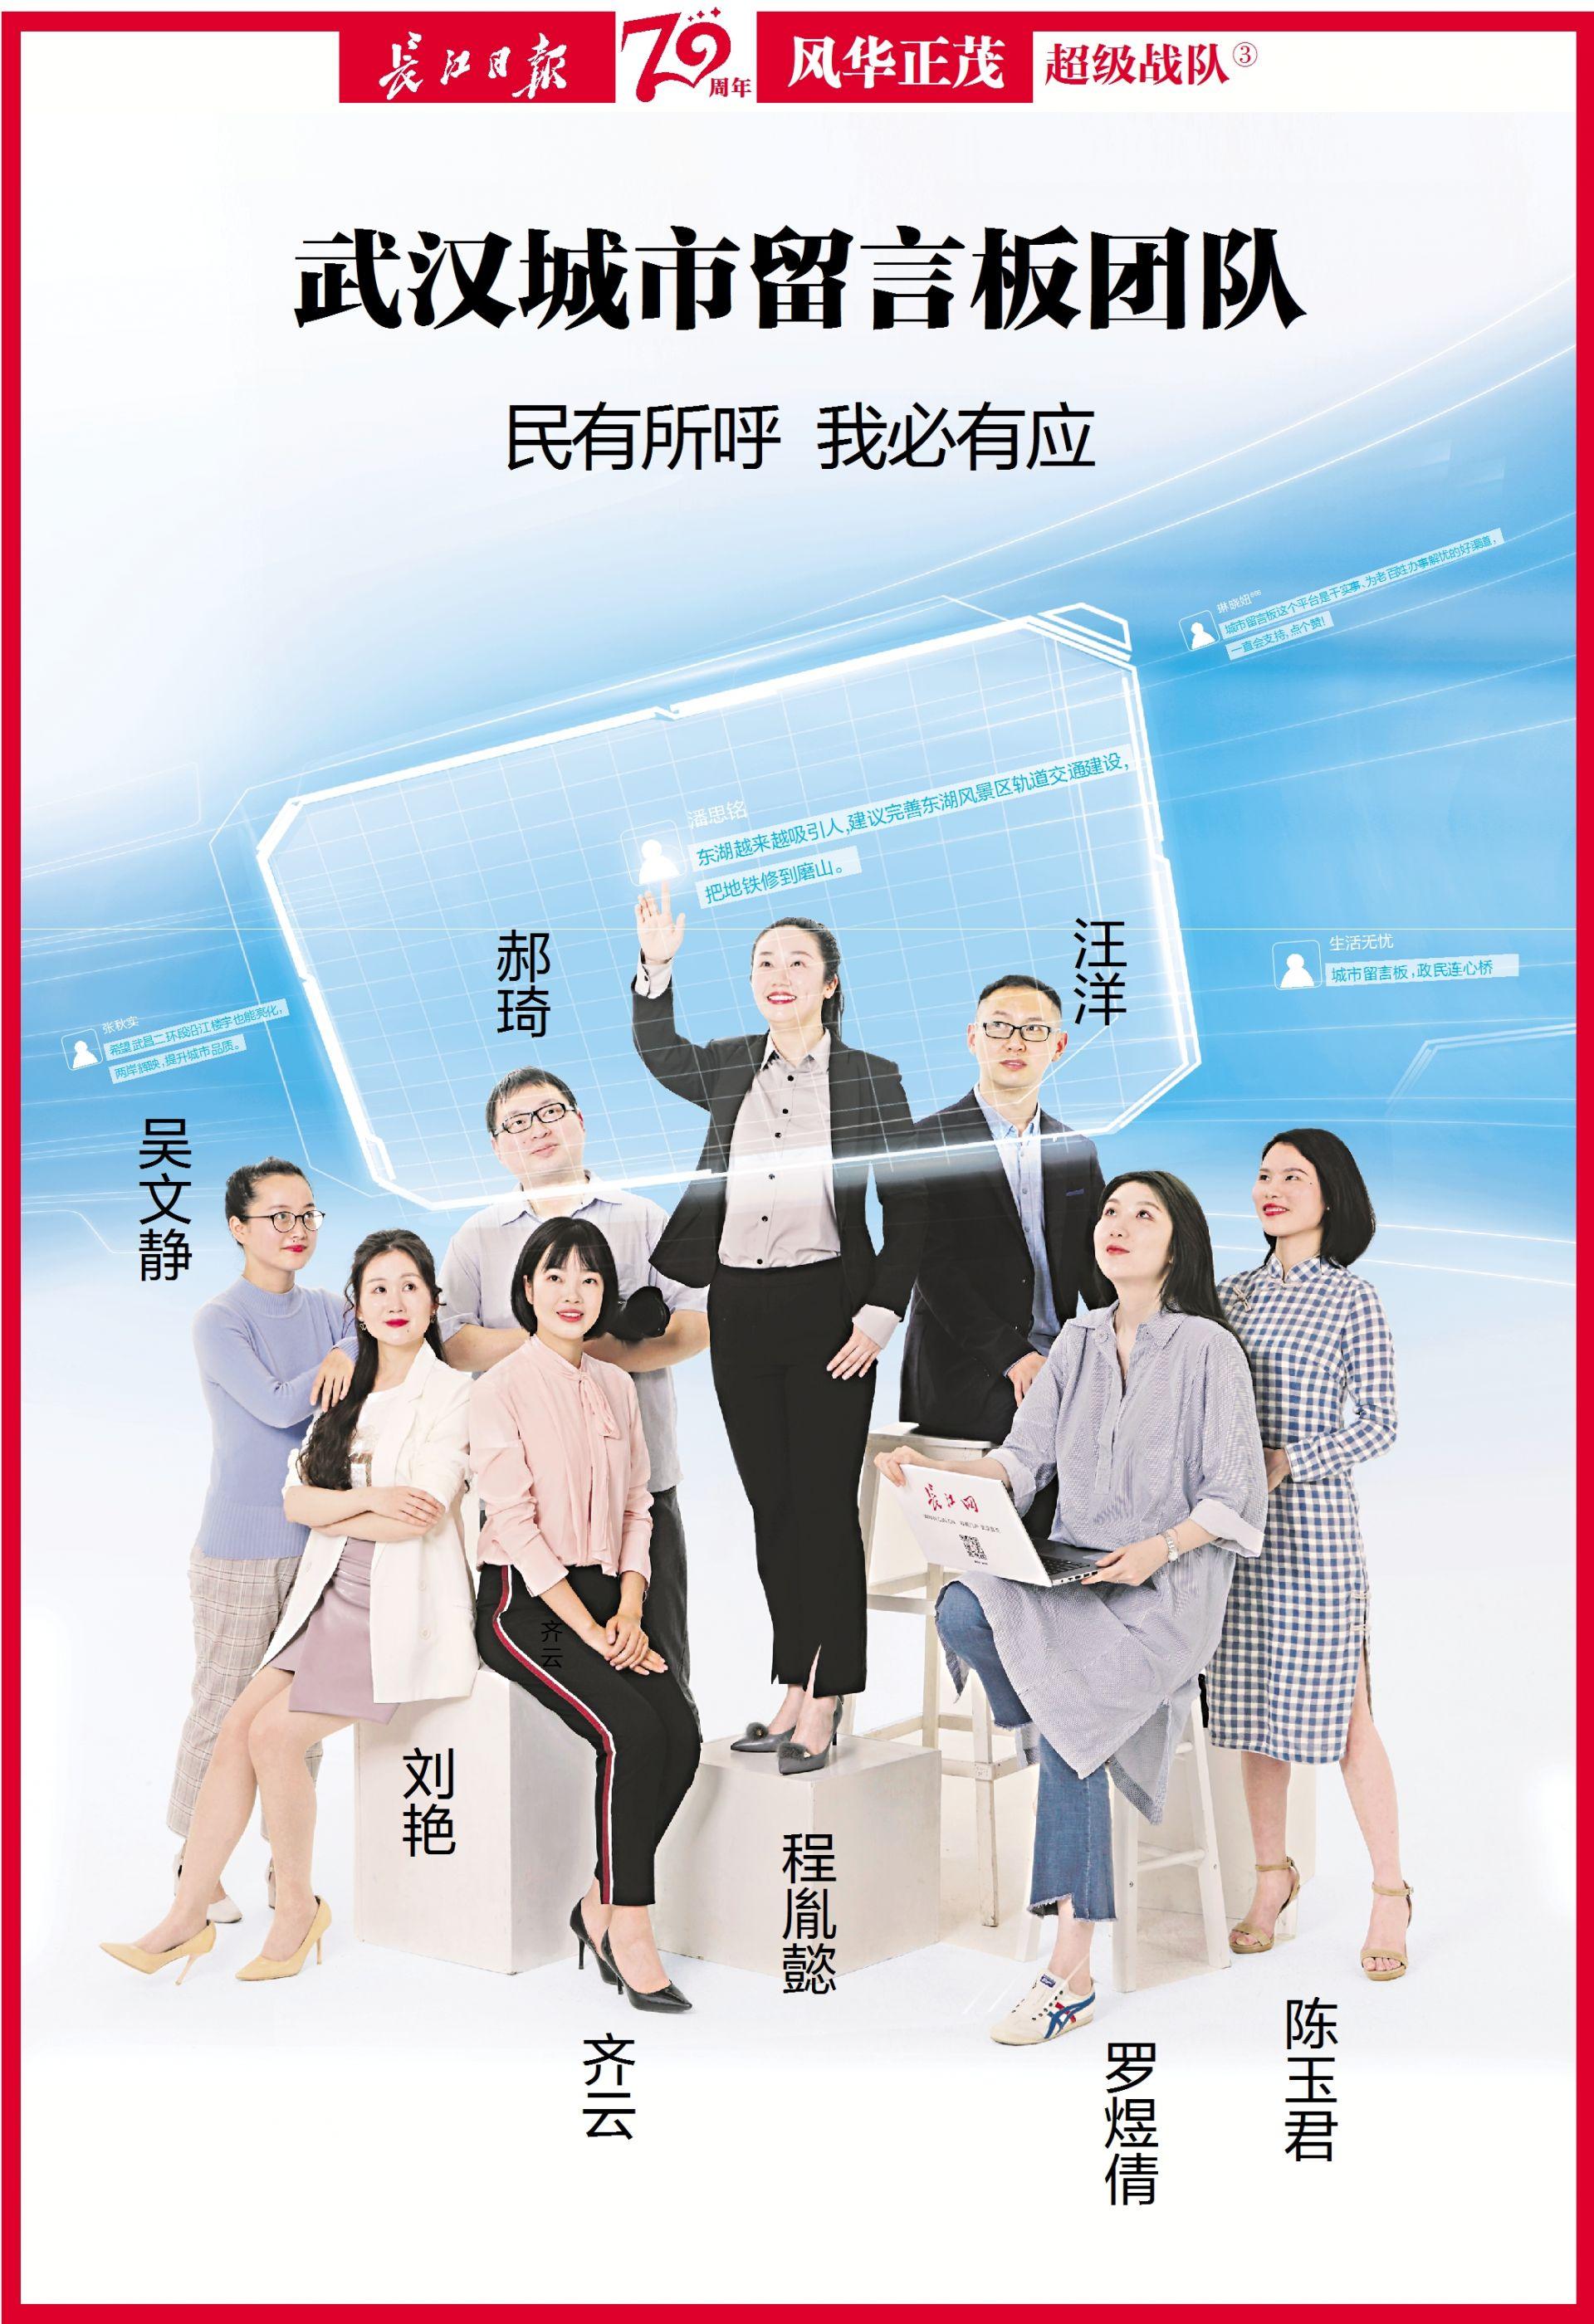 武汉城市留言板团队丨民有所呼 我必有应